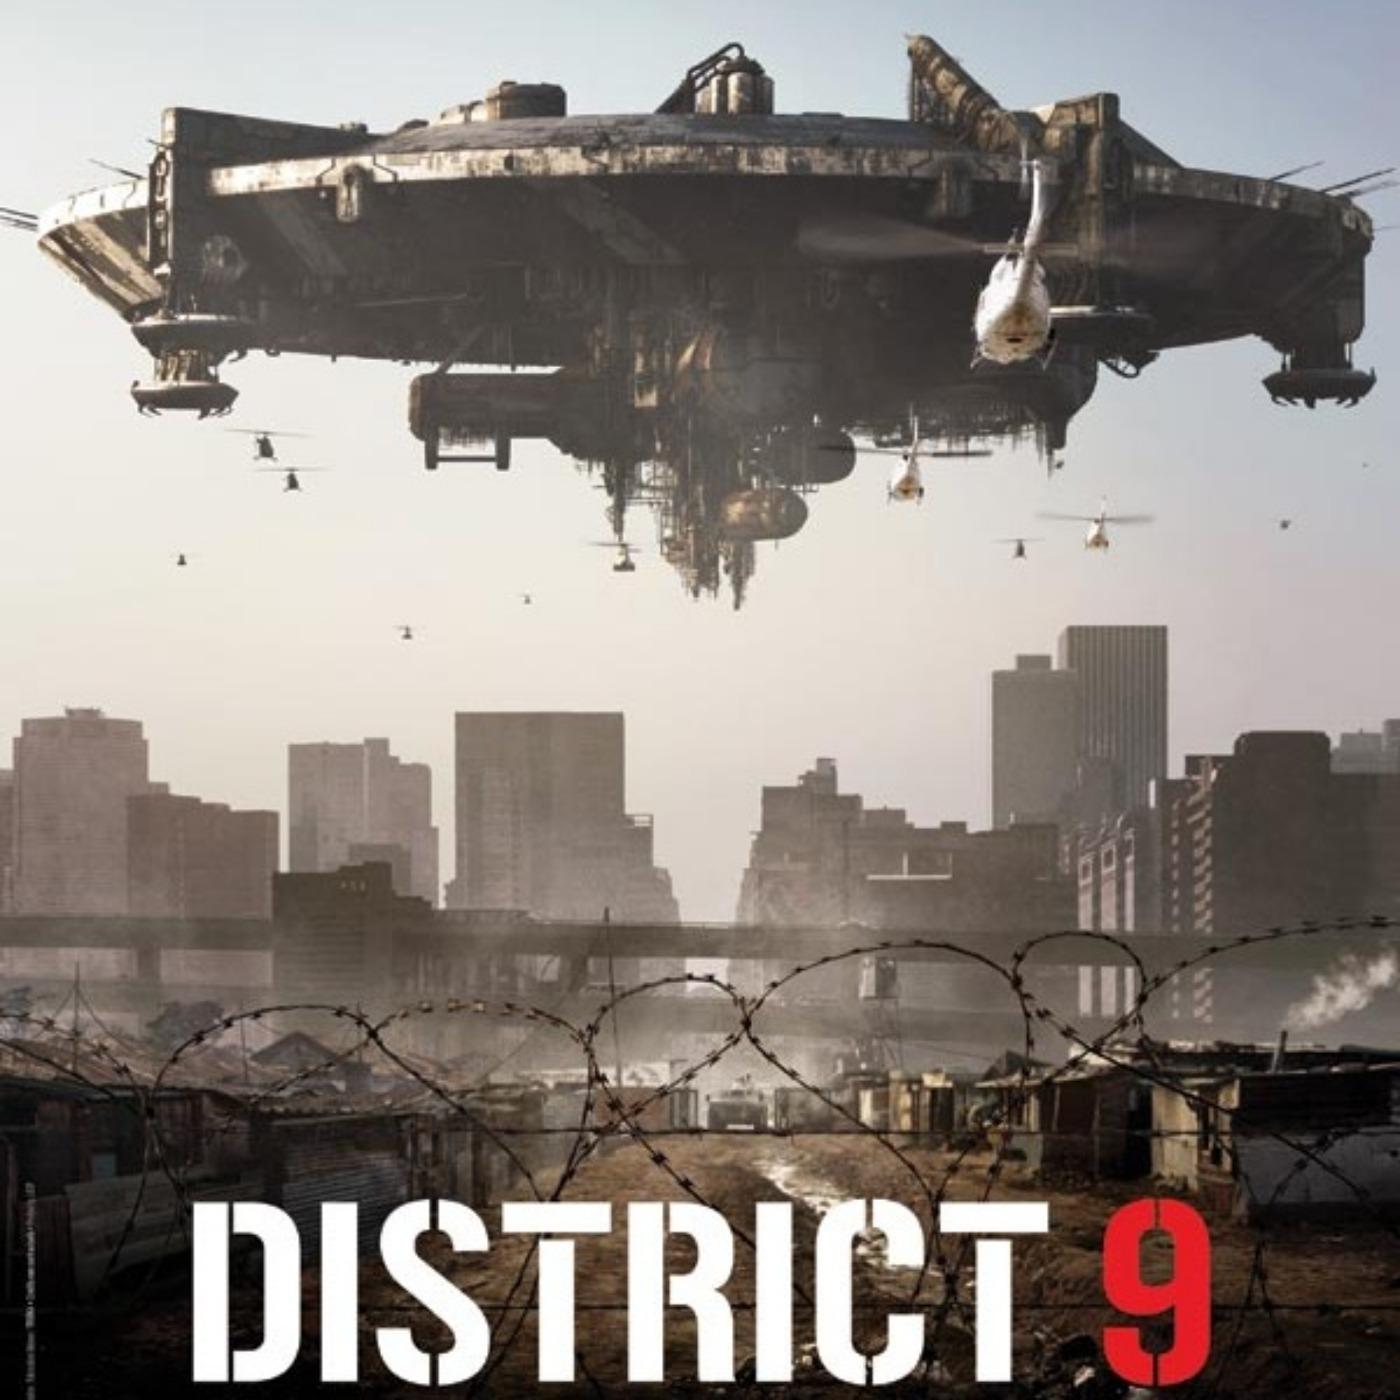 District 9 - CRITIQUE DE FILM